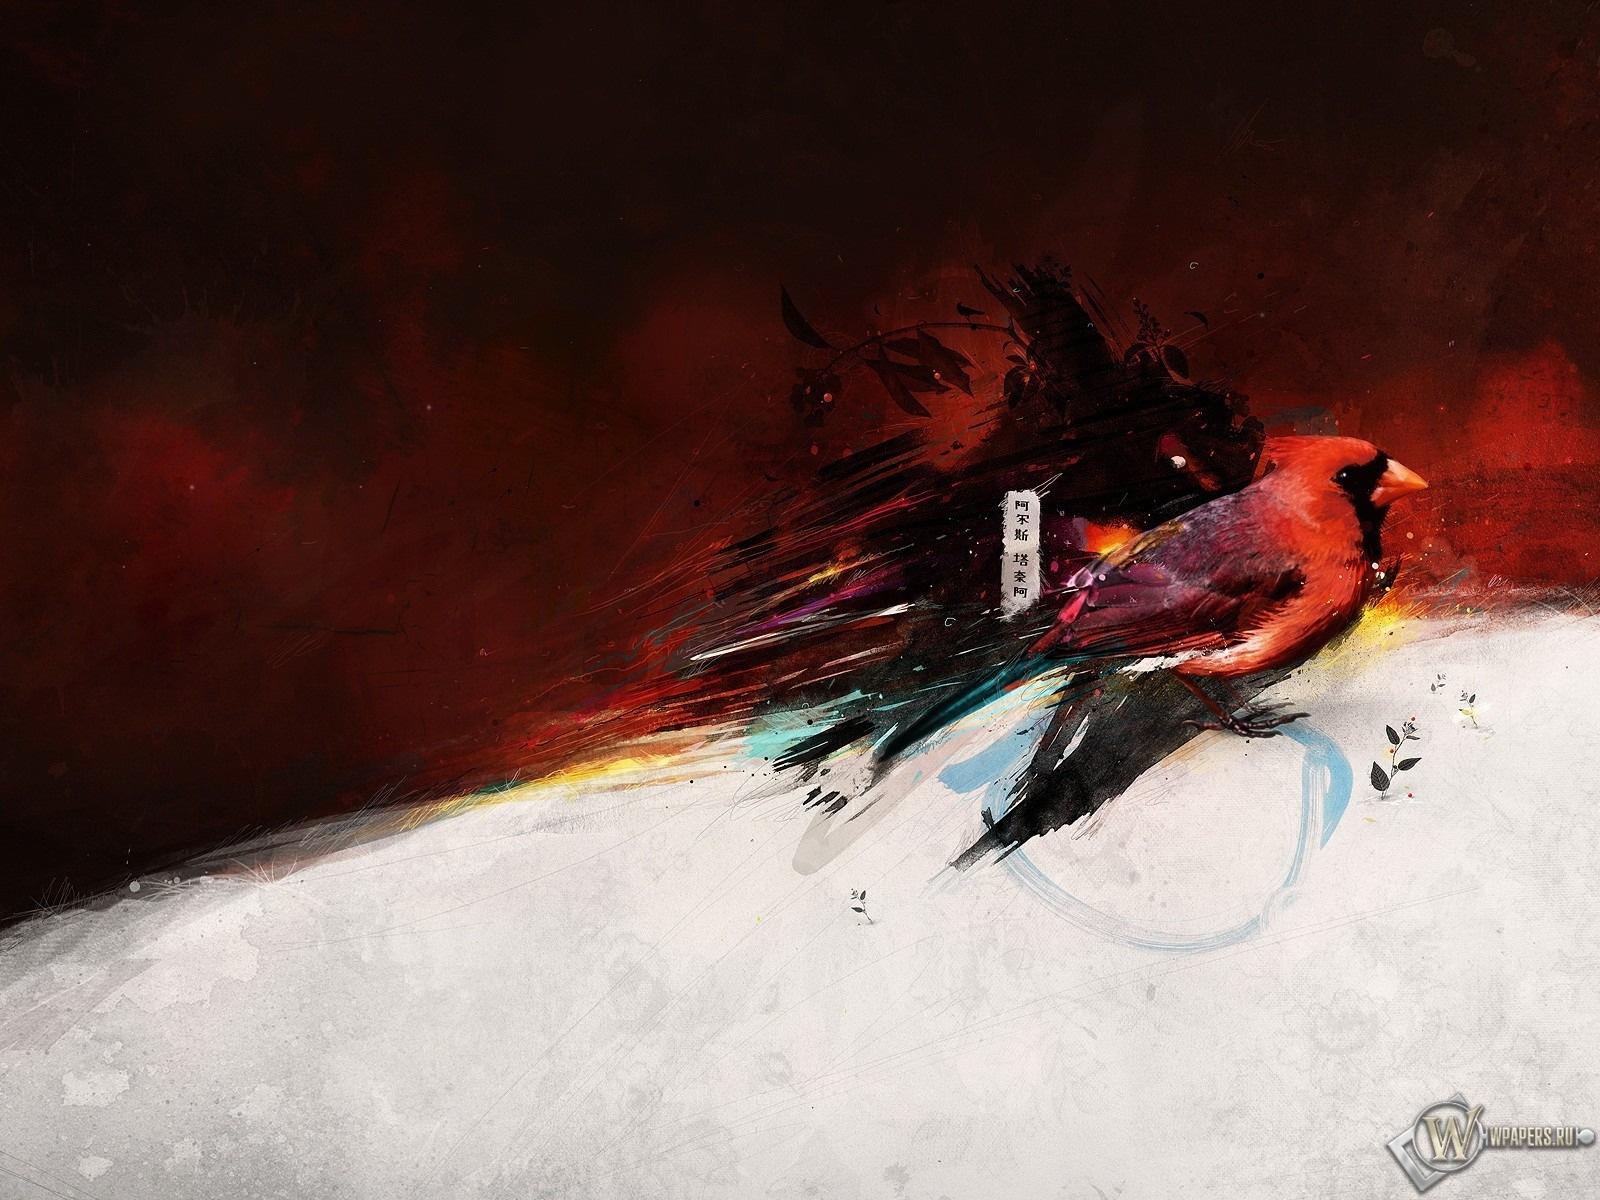 Bird draw 1600x1200